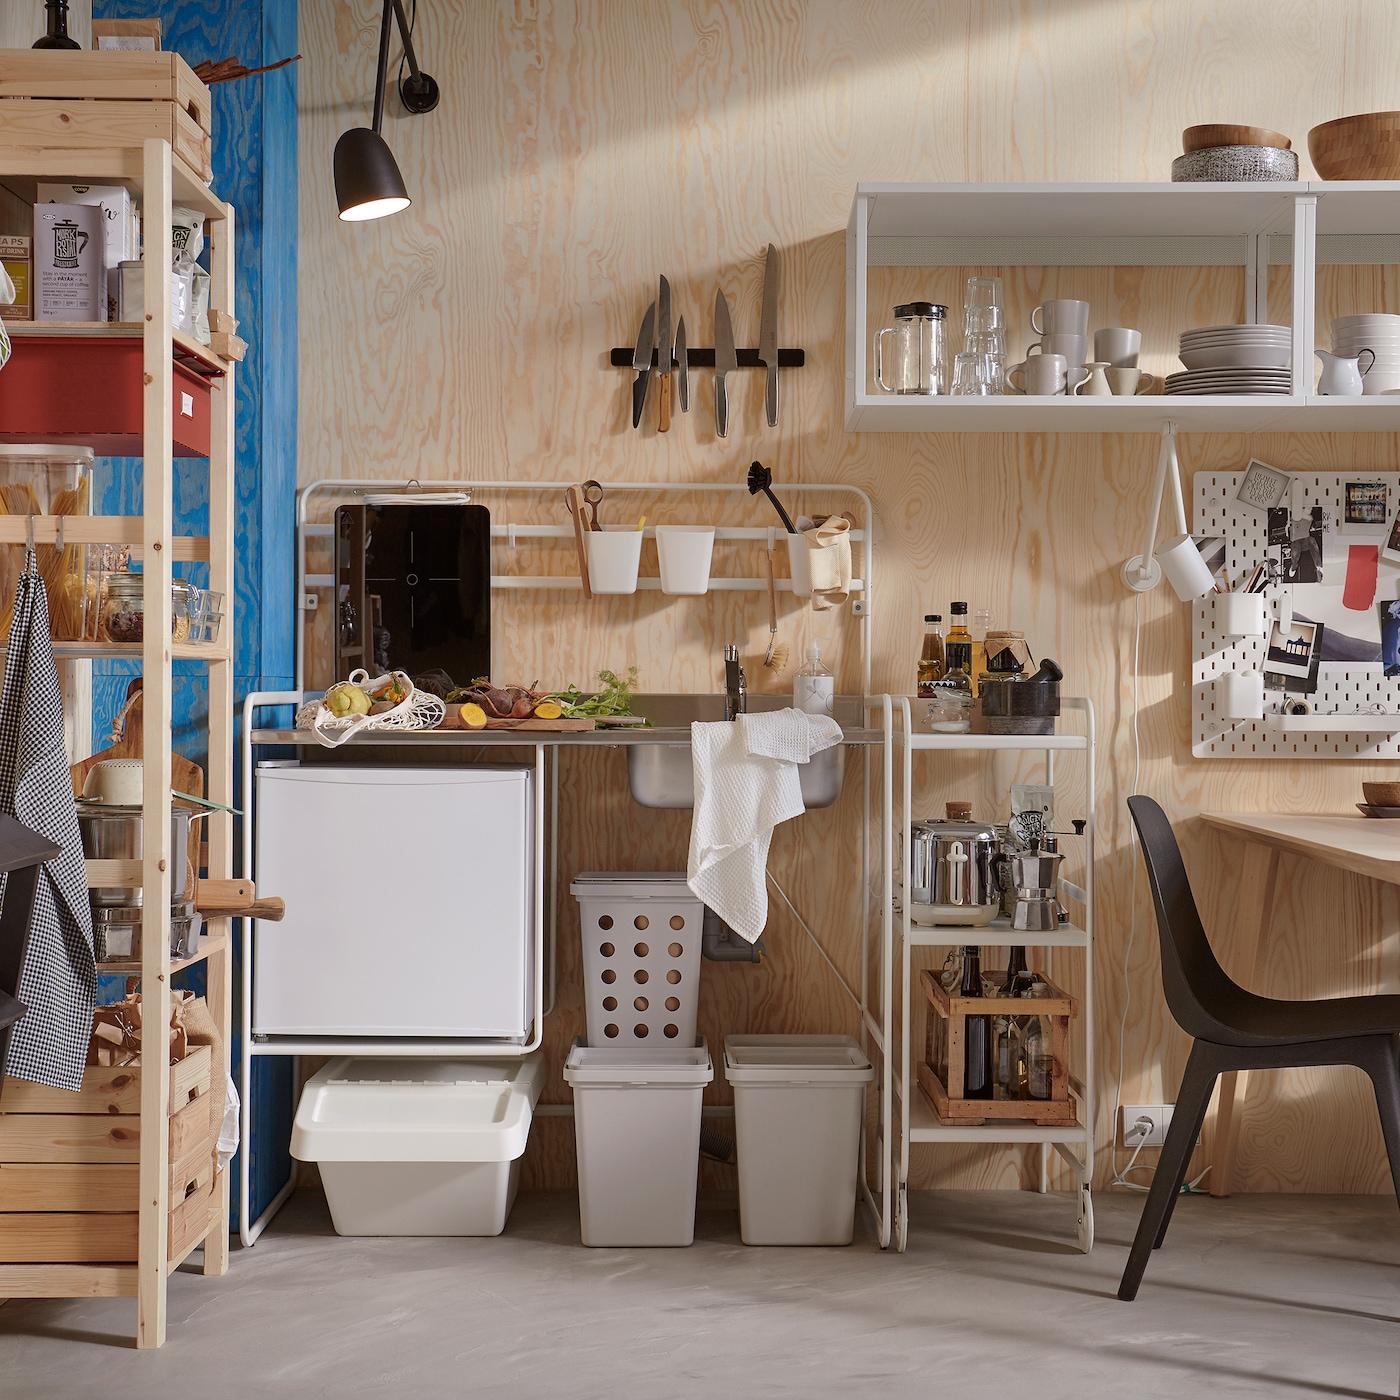 Una cucina piccola e luminosa con una minicucina SUNNERSTA, contenitori per la raccolta differenziata grigi, un sistema di scaffali in pino e sedie nere - IKEA